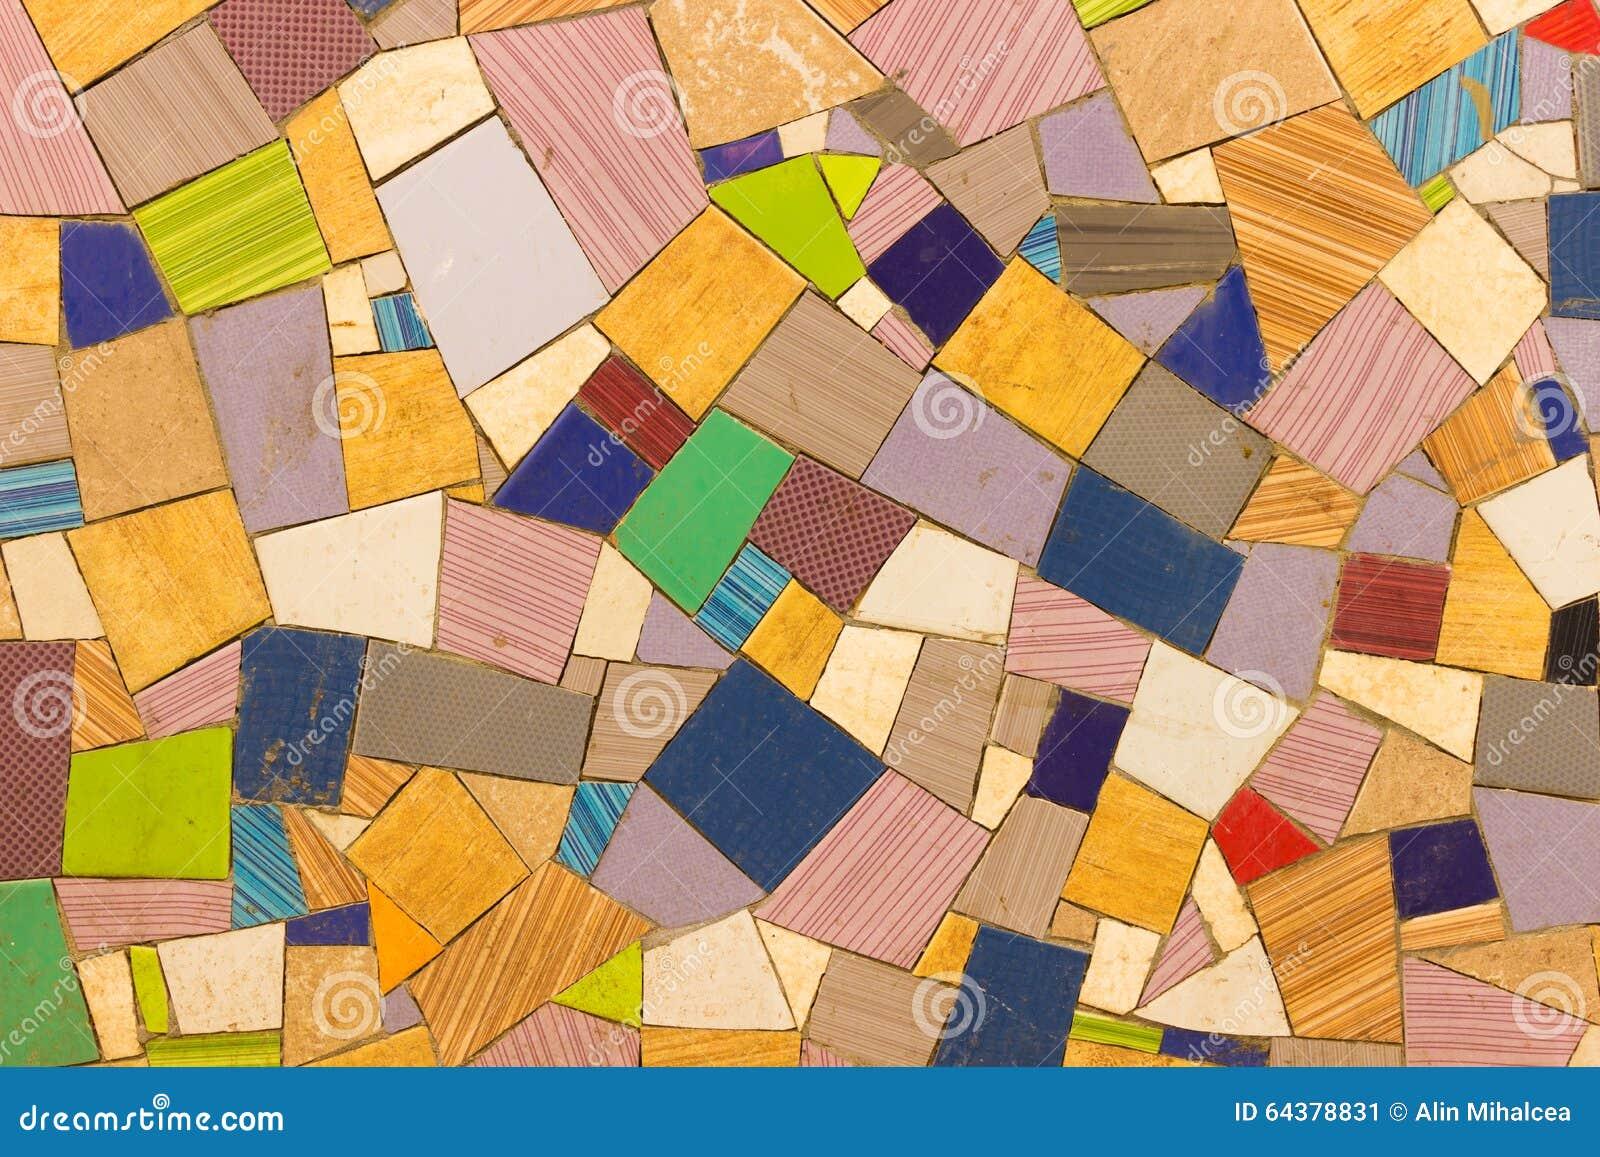 Farbiges Fliesen Mosaik Stockbild Bild Von Dekoration 64378831